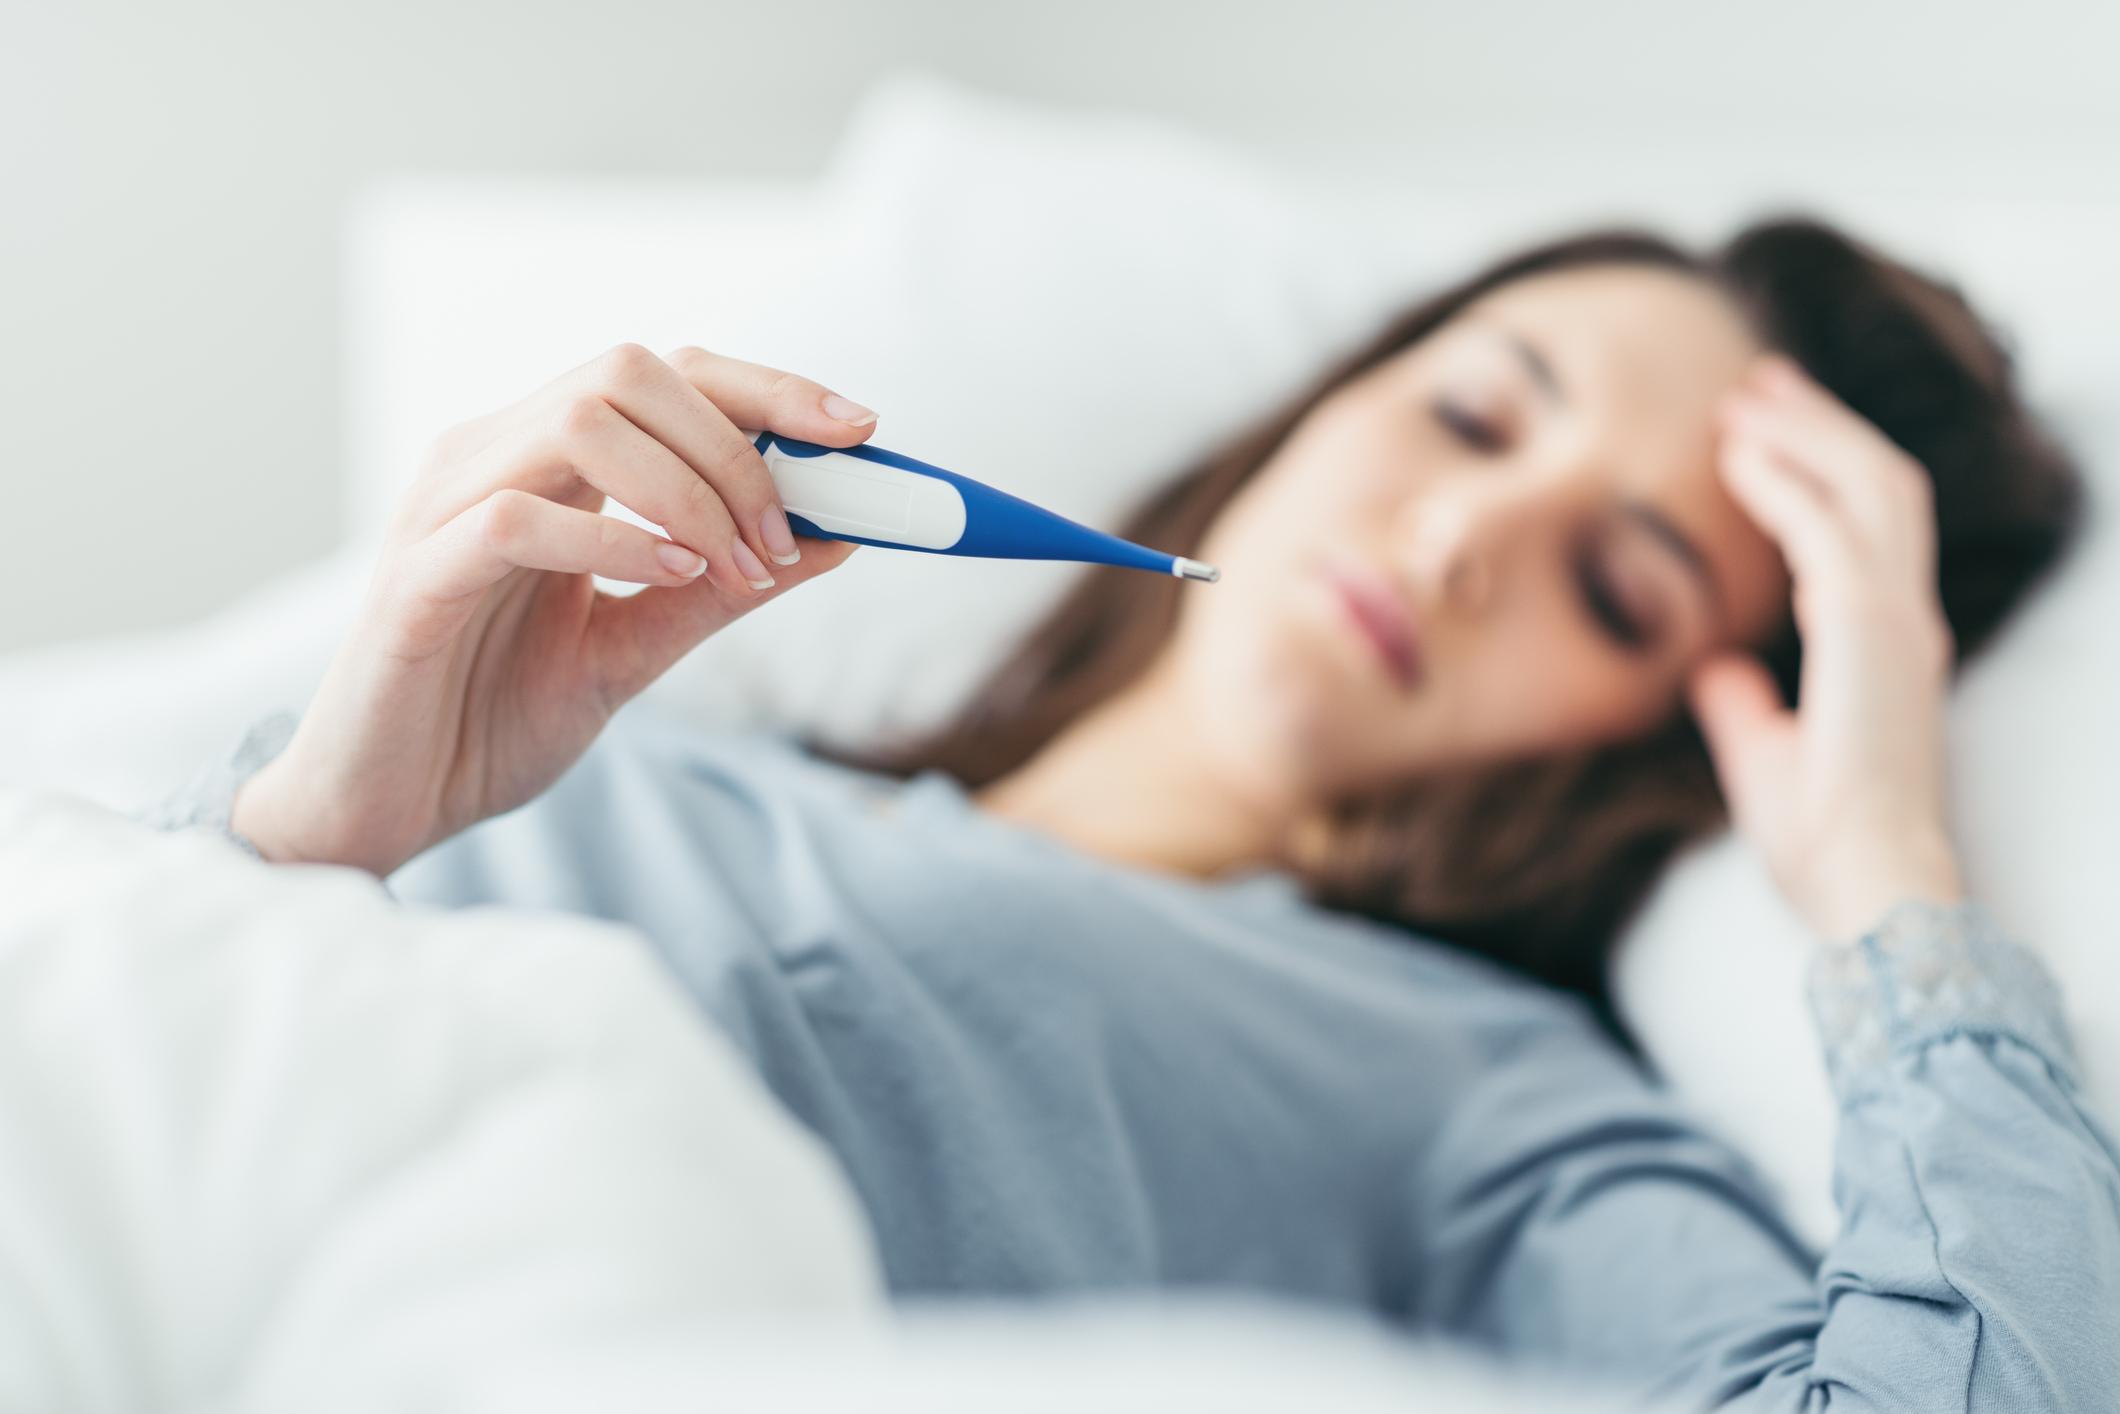 eDoctor - Phân biệt các triệu chứng của COVID-19 với cúm, cảm lạnh, dị ứng